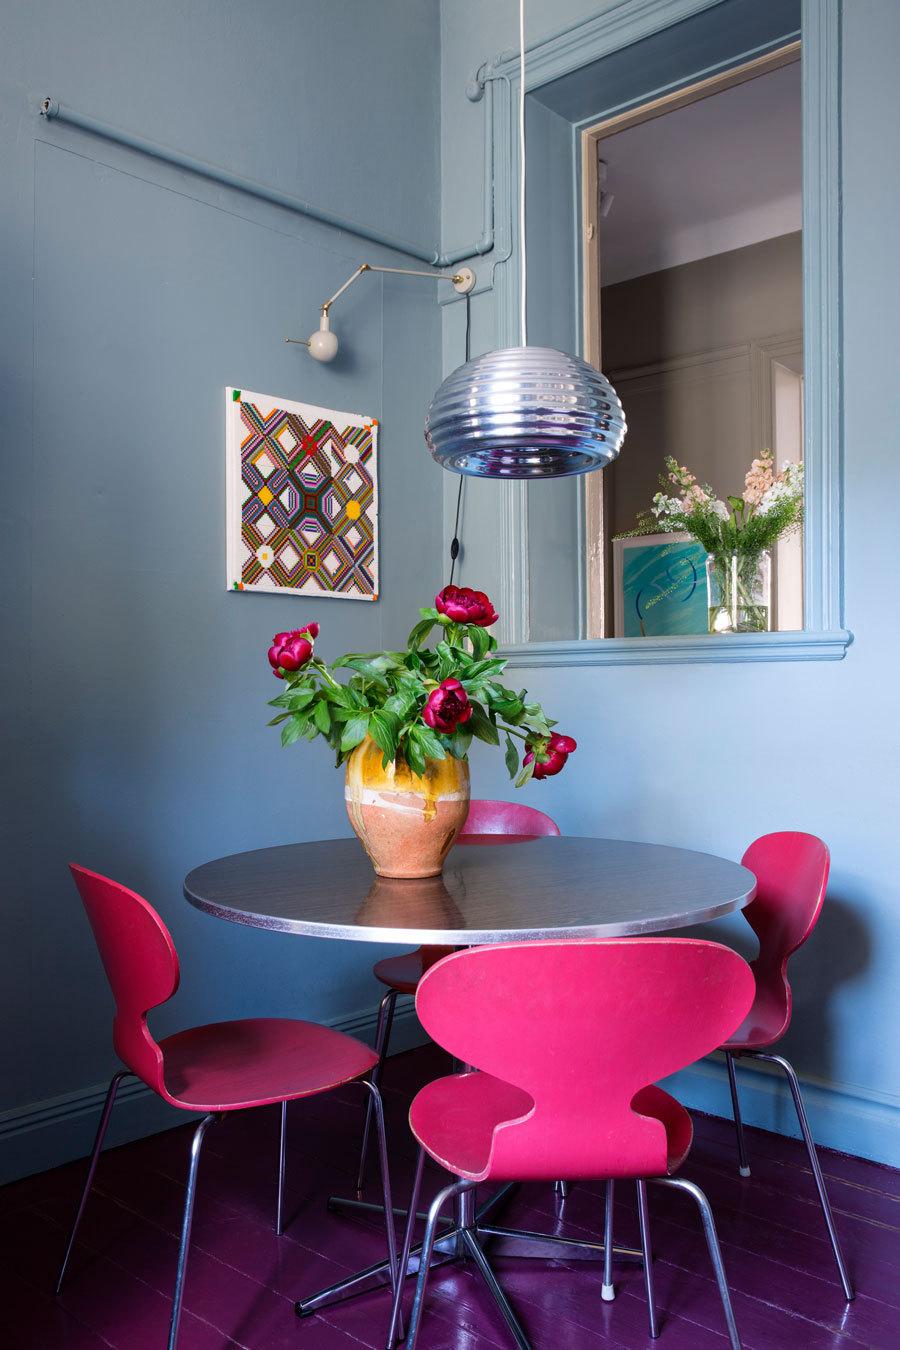 Inspiraci n para el dise o de interiores en el hogar for El diseno de interiores